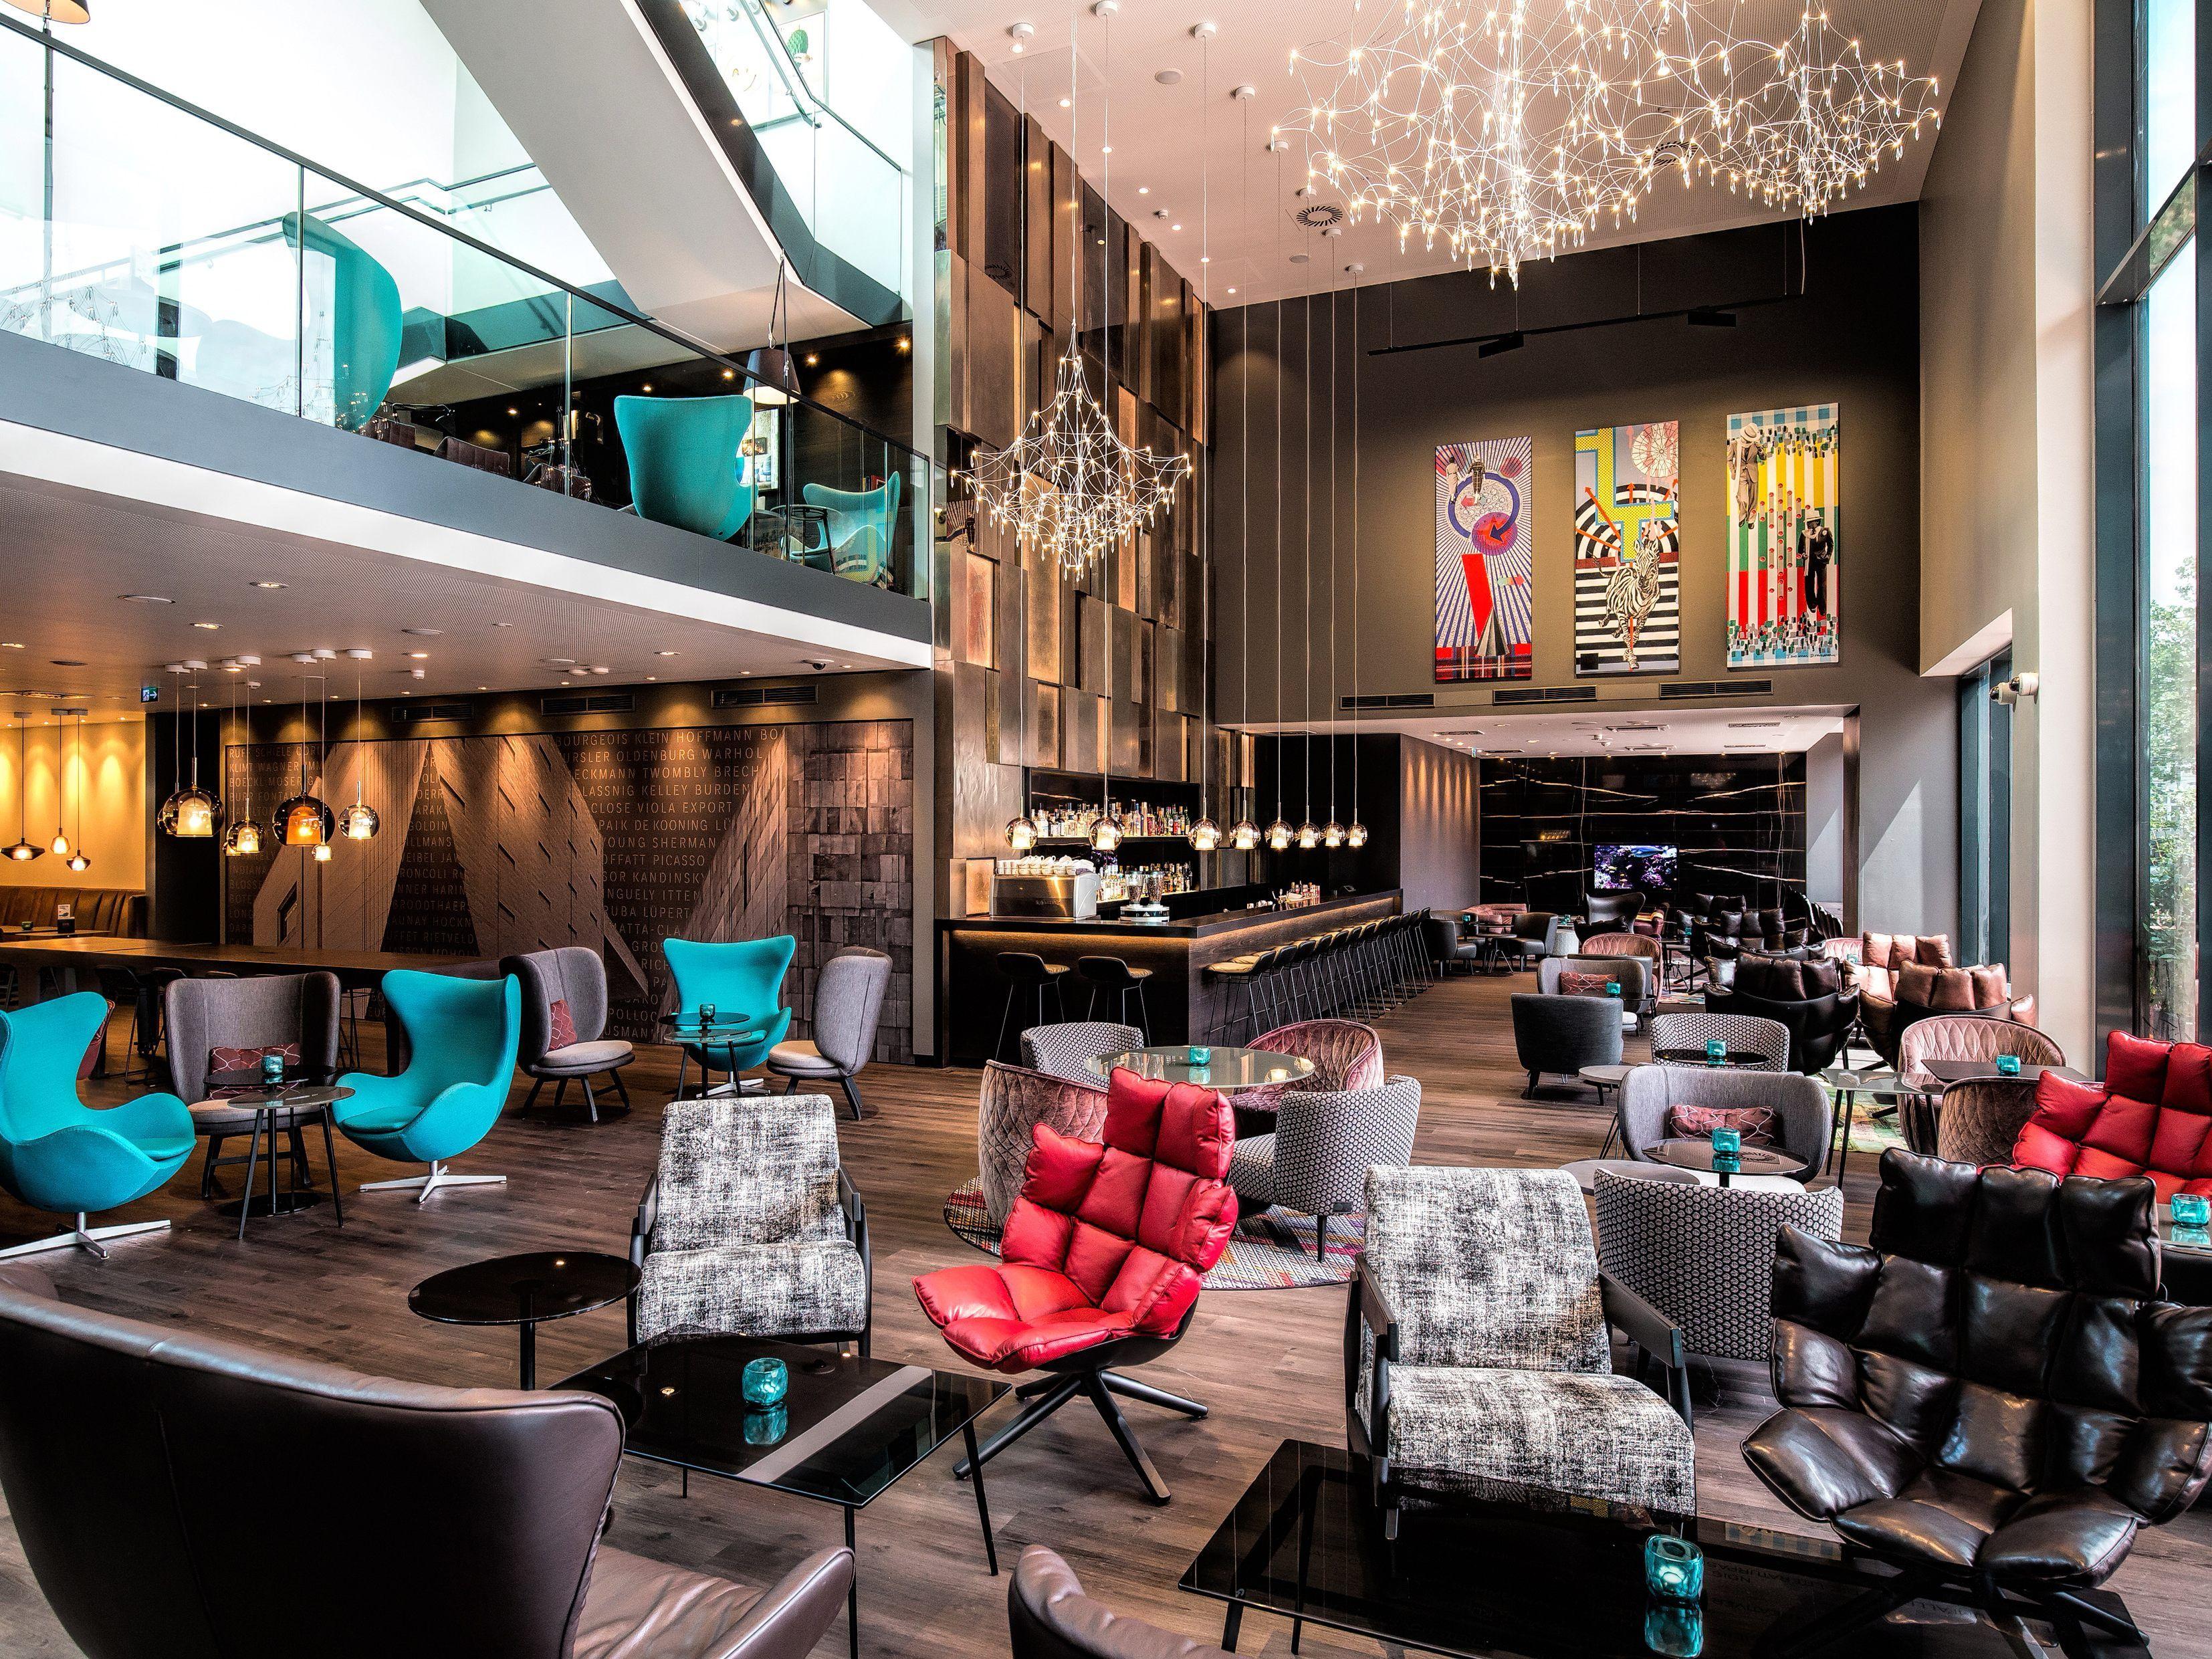 Motel One expandiert in Österreich - Wien Aktuell - VIENNA.AT